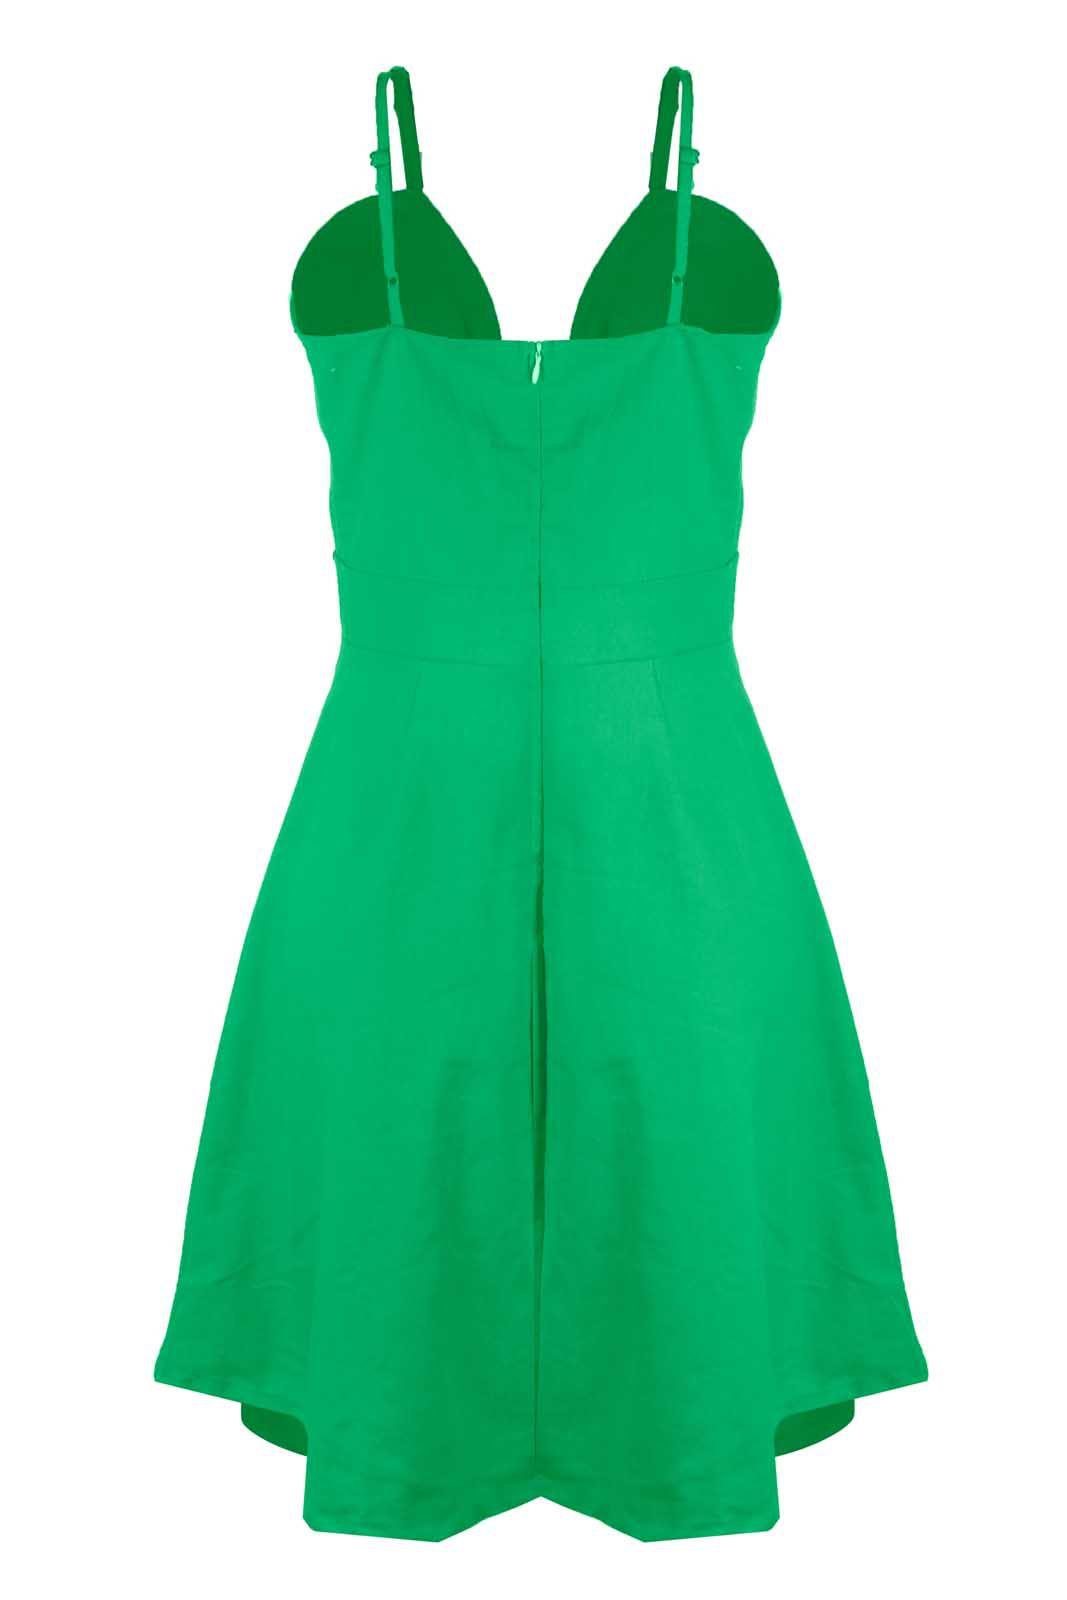 Vestido Outlet Dri Rodado Linho Botões Frontais Cores Primavera Verão Verde